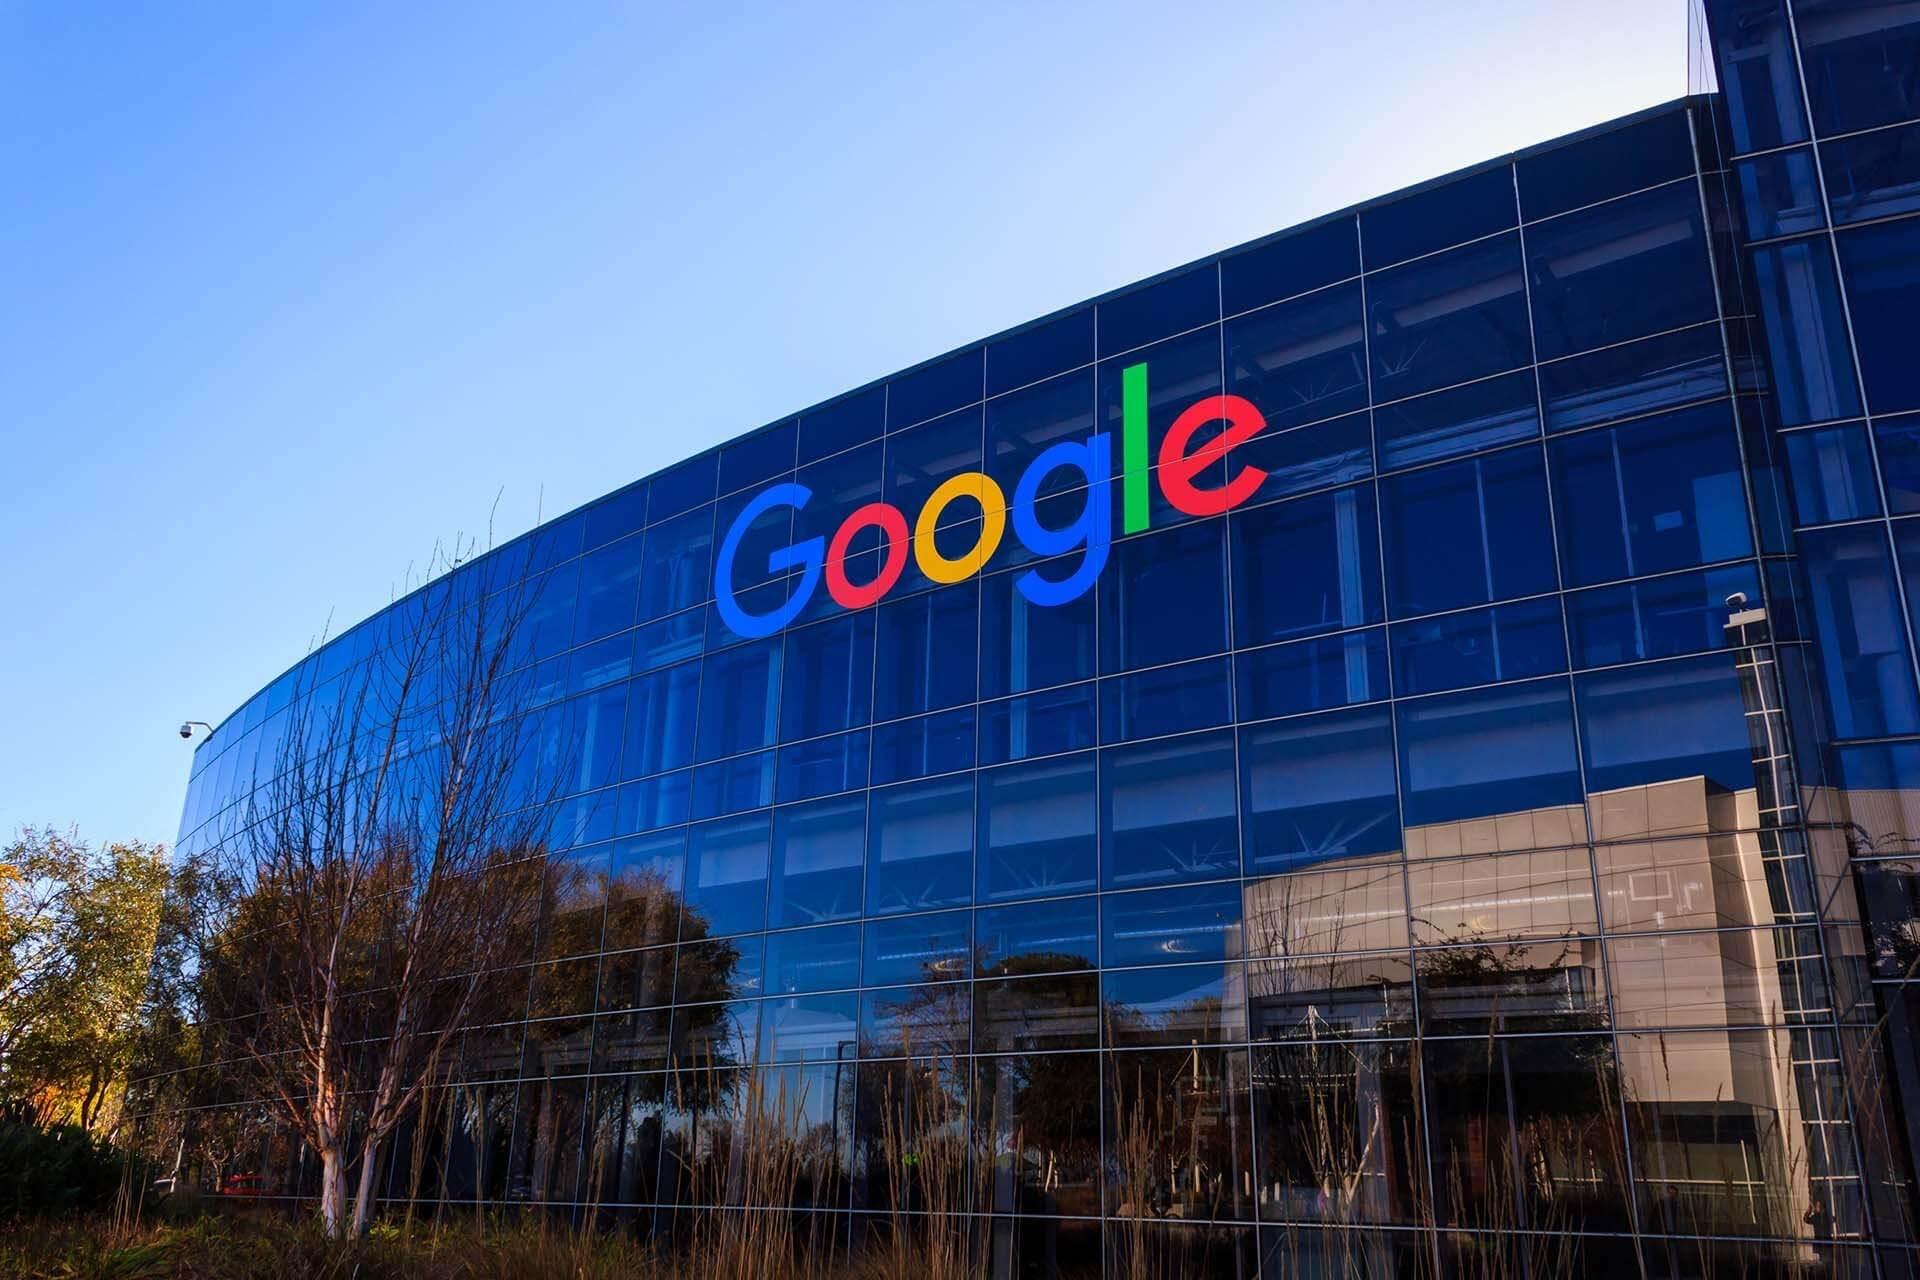 يمكن لتقنية الذكاء الاصطناعي الجديدة من Google تحسين دقة الصورة بمقدار 16 مرة